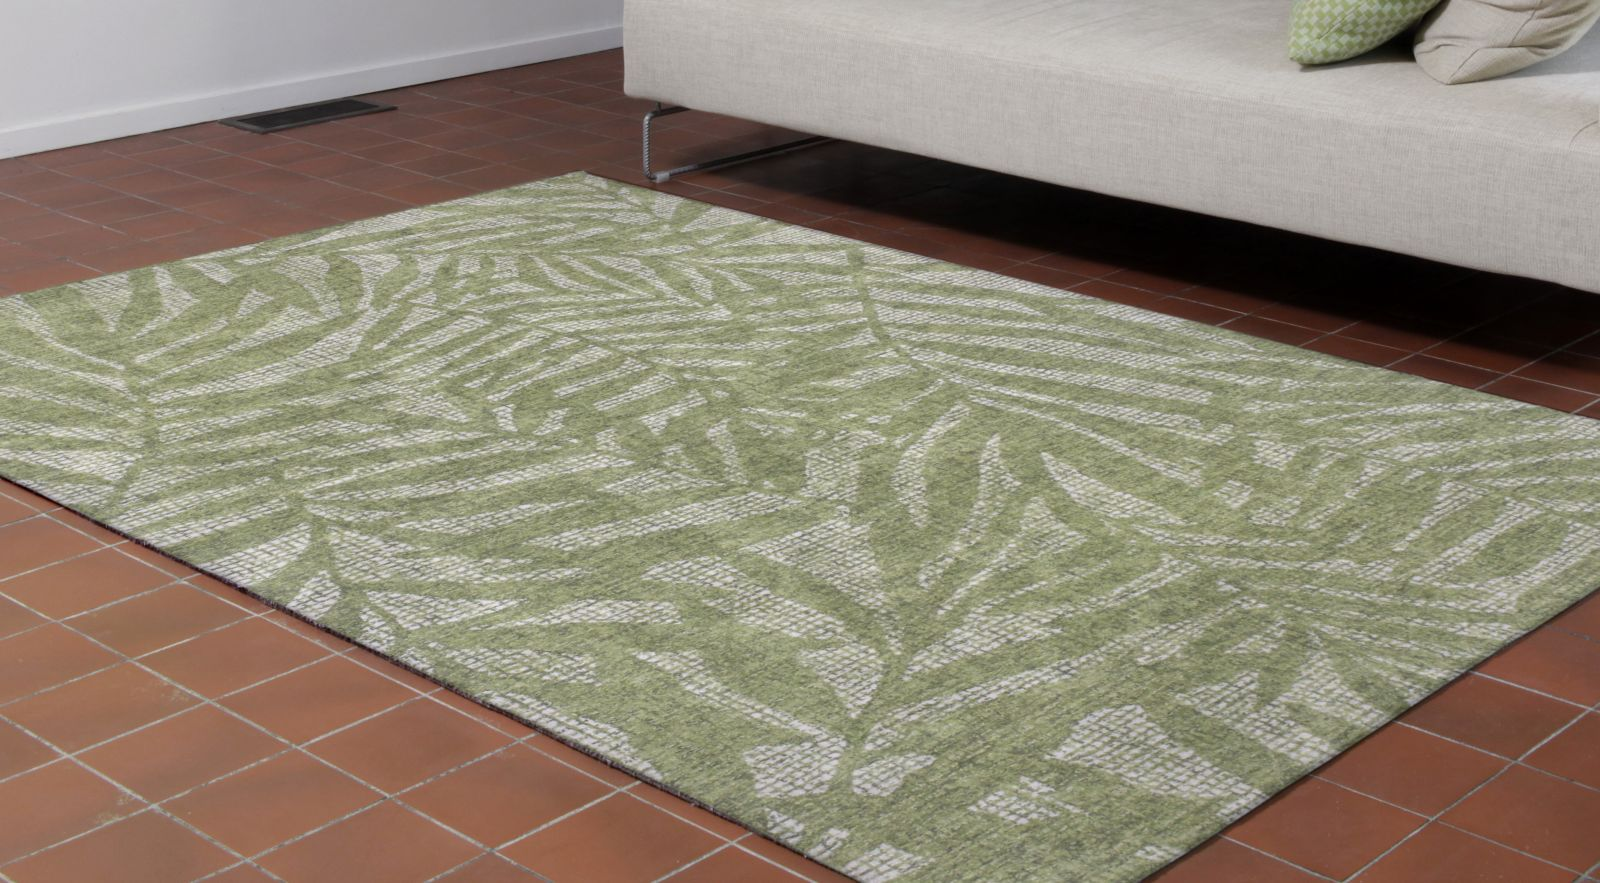 Liora Manne Savannah Olive Branches Green 5'0″ x 7'6″ SVH57950006